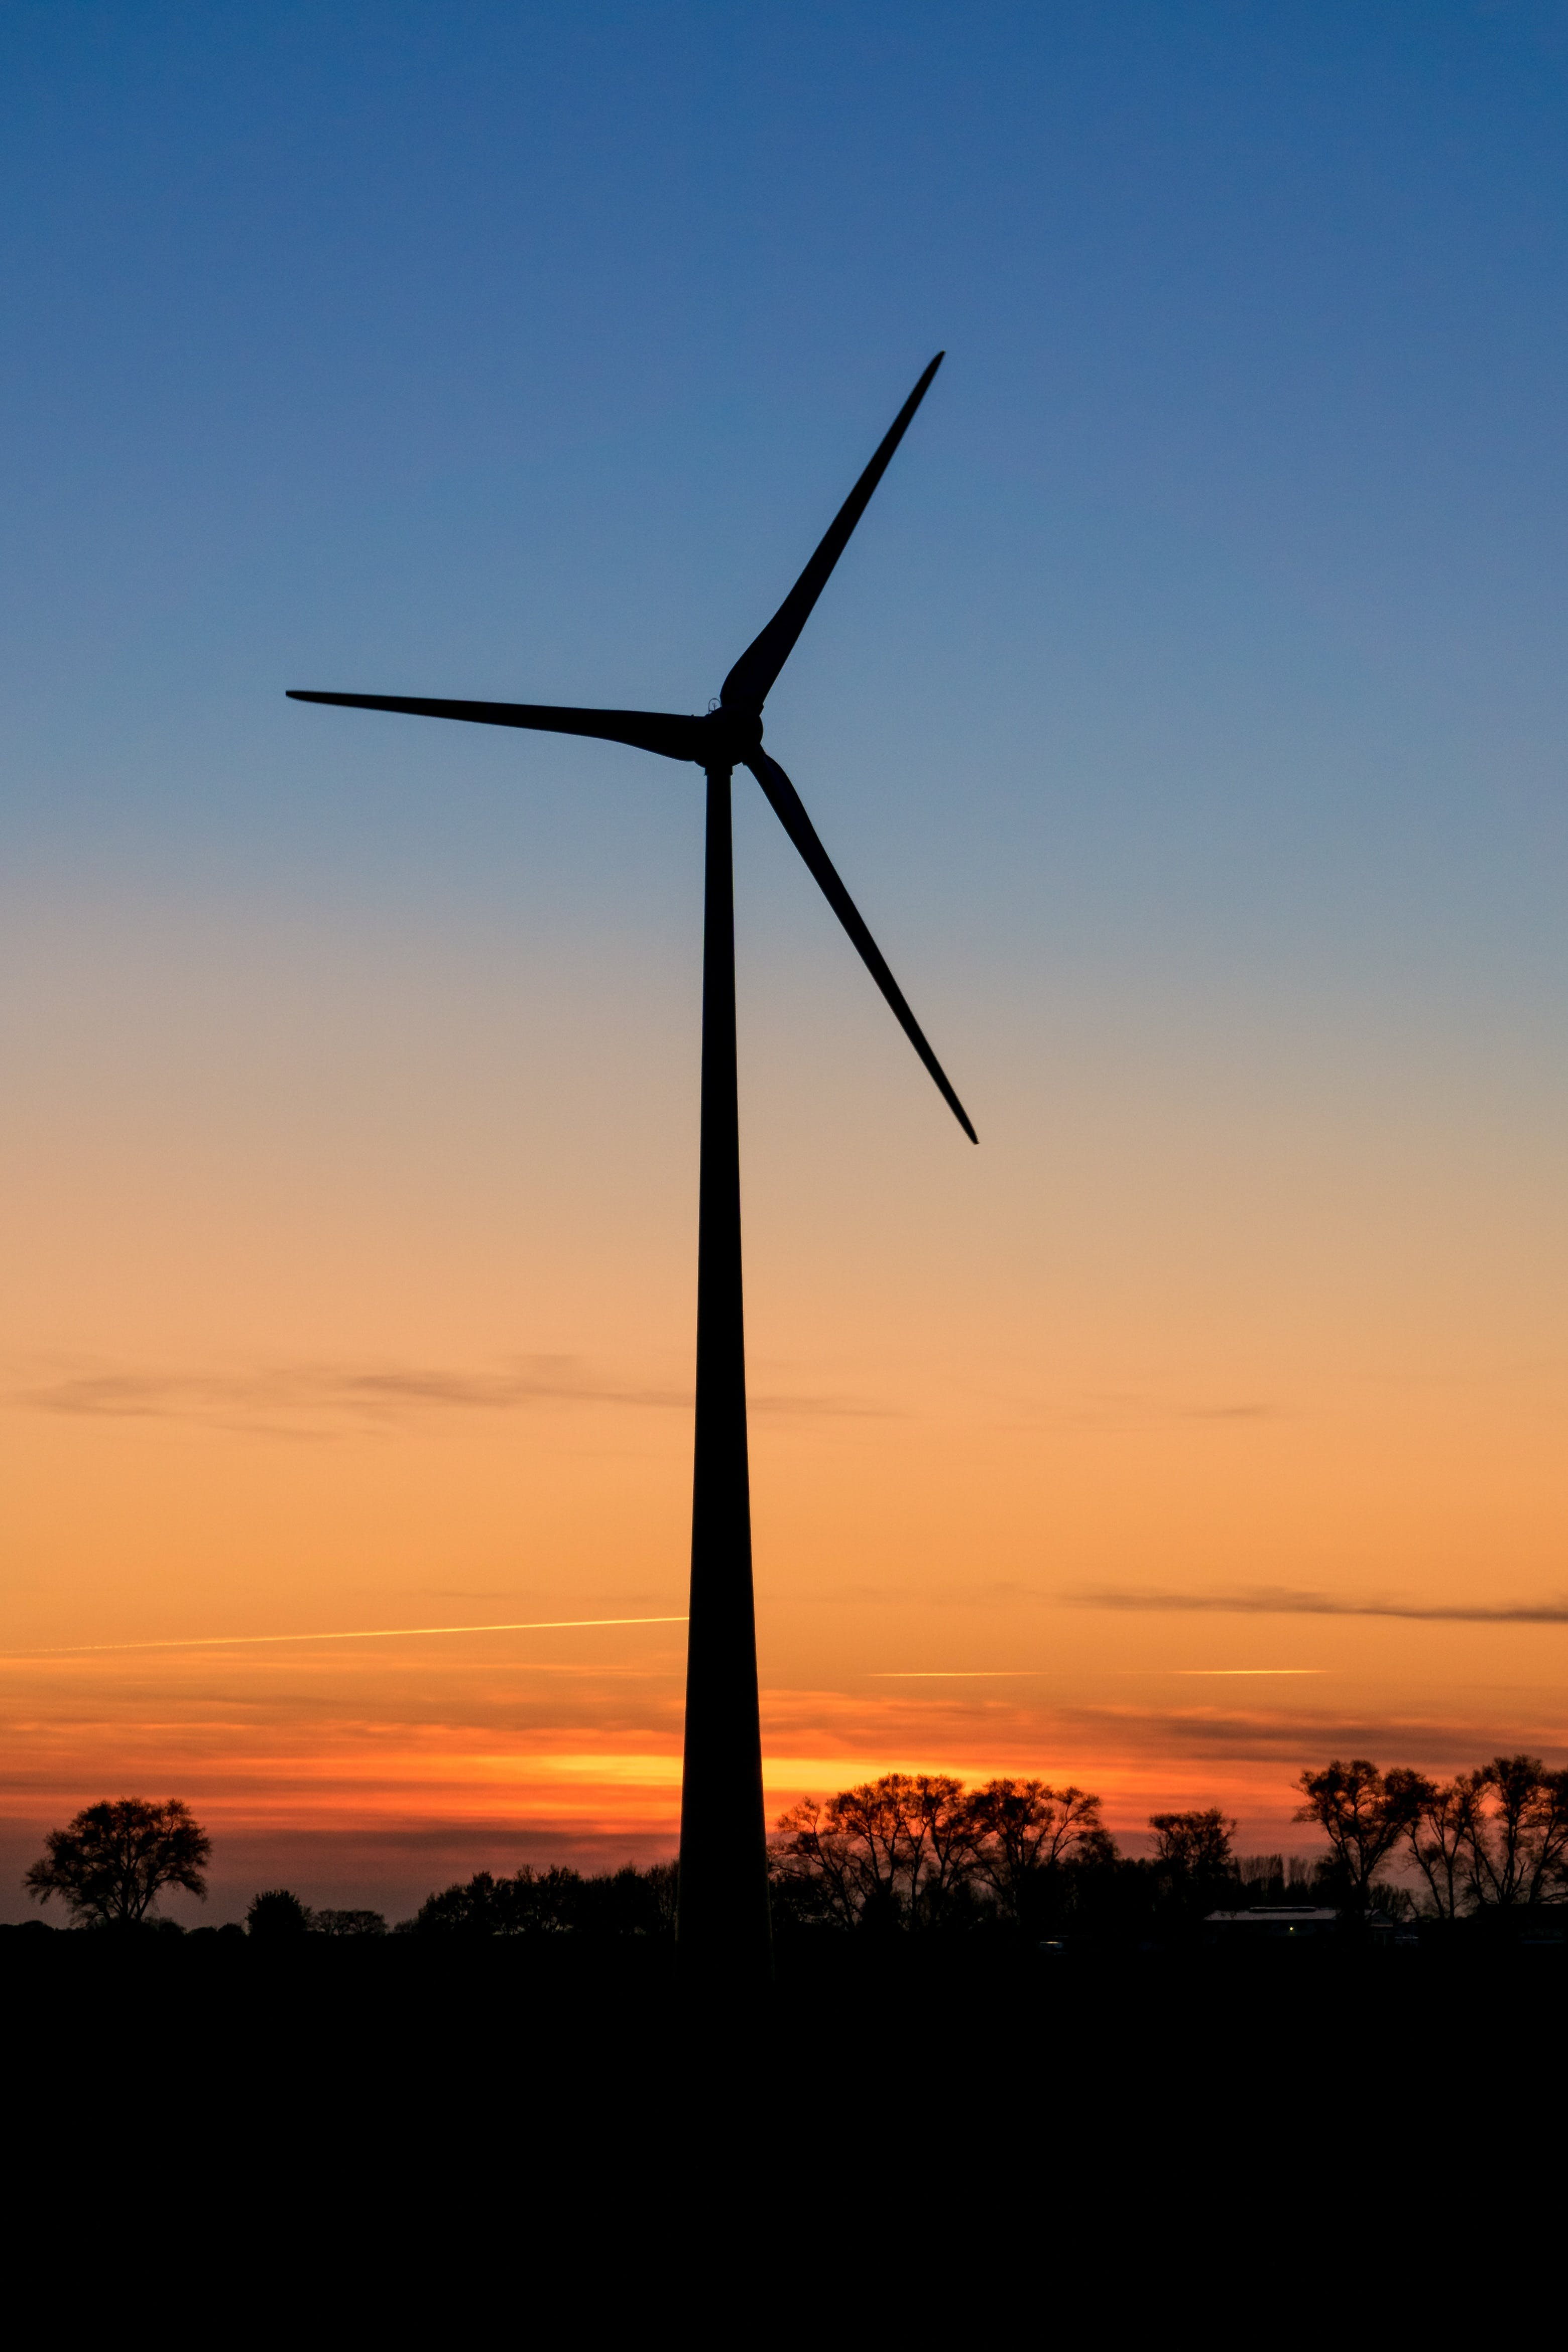 エネルギー, 代替エネルギー, 再生可能エネルギー, 夜明けの無料の写真素材